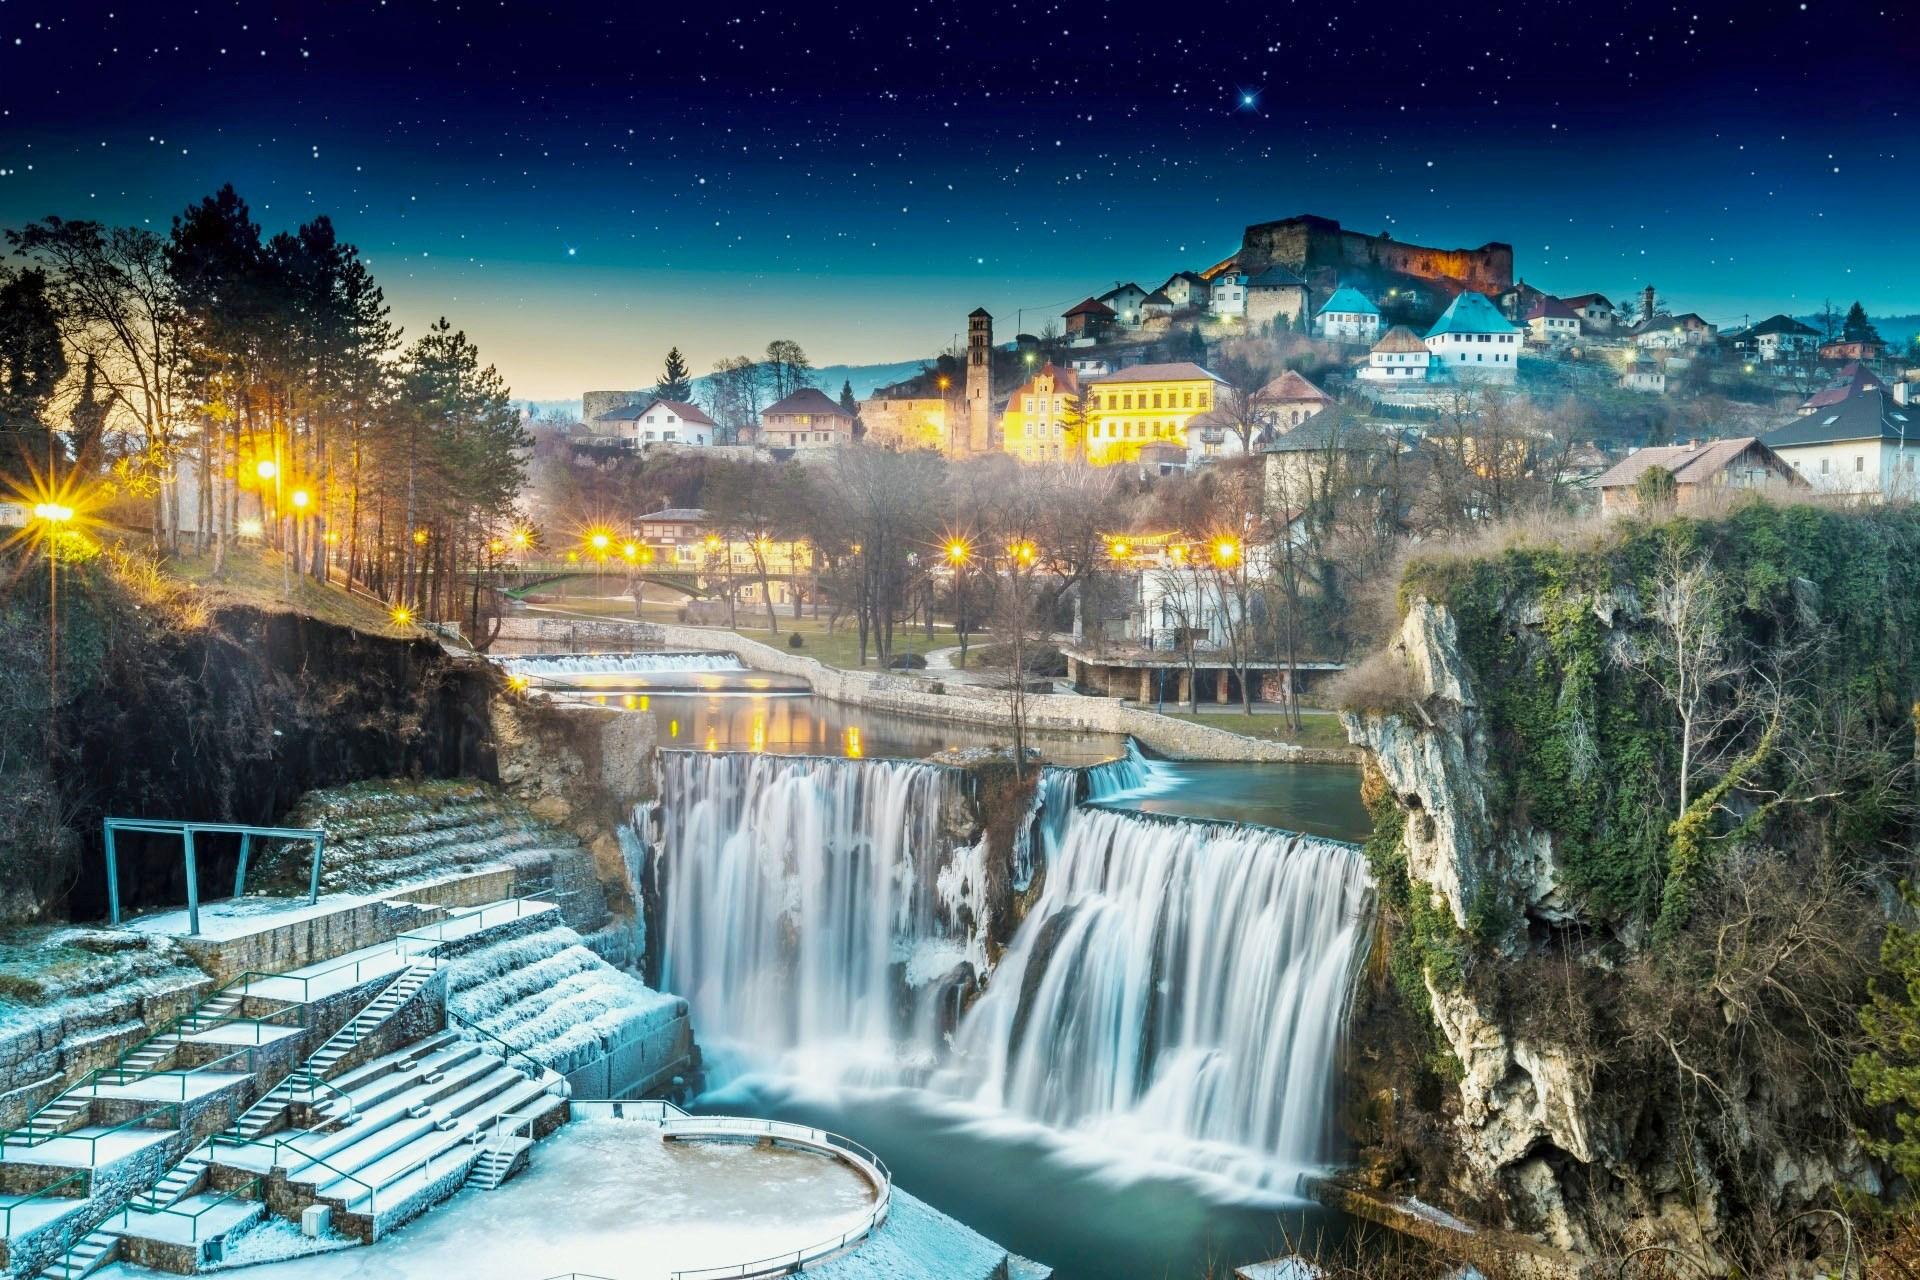 冬のヤイツェの旧市街 ボスニア・ヘルツェゴビナの風景